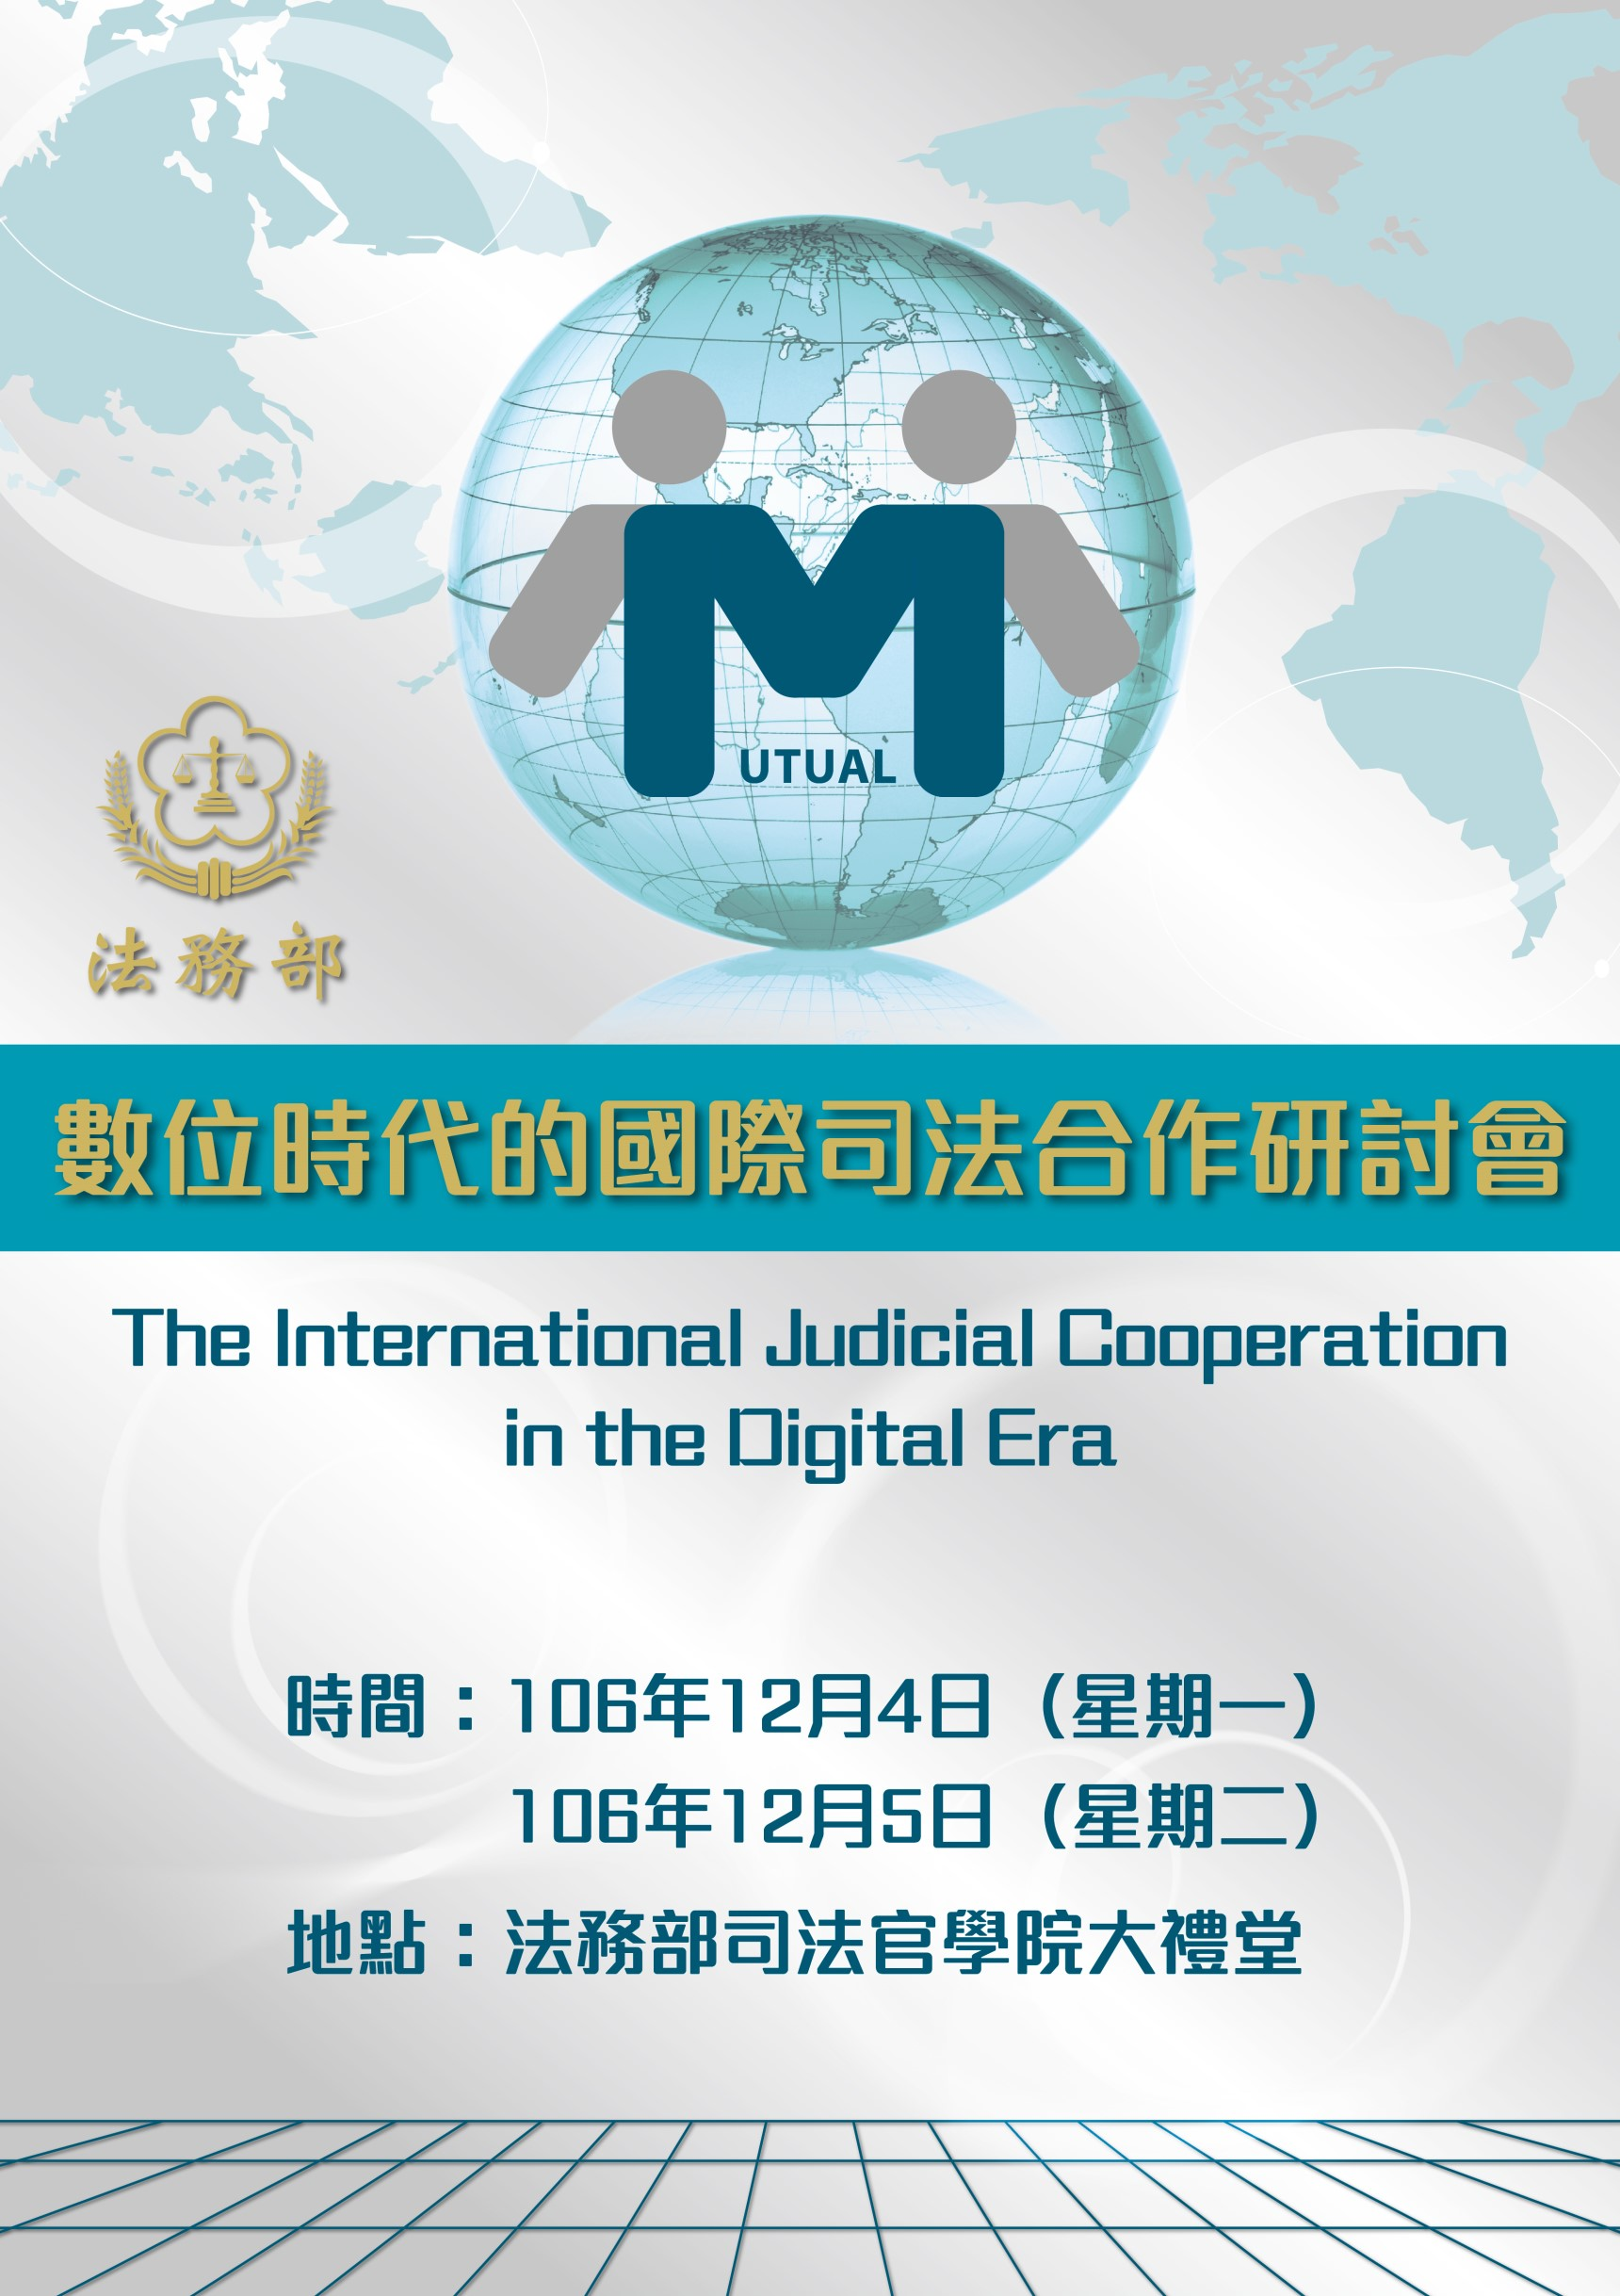 106年12月4、5日舉辦「數位時代的國際司法合作研討會」